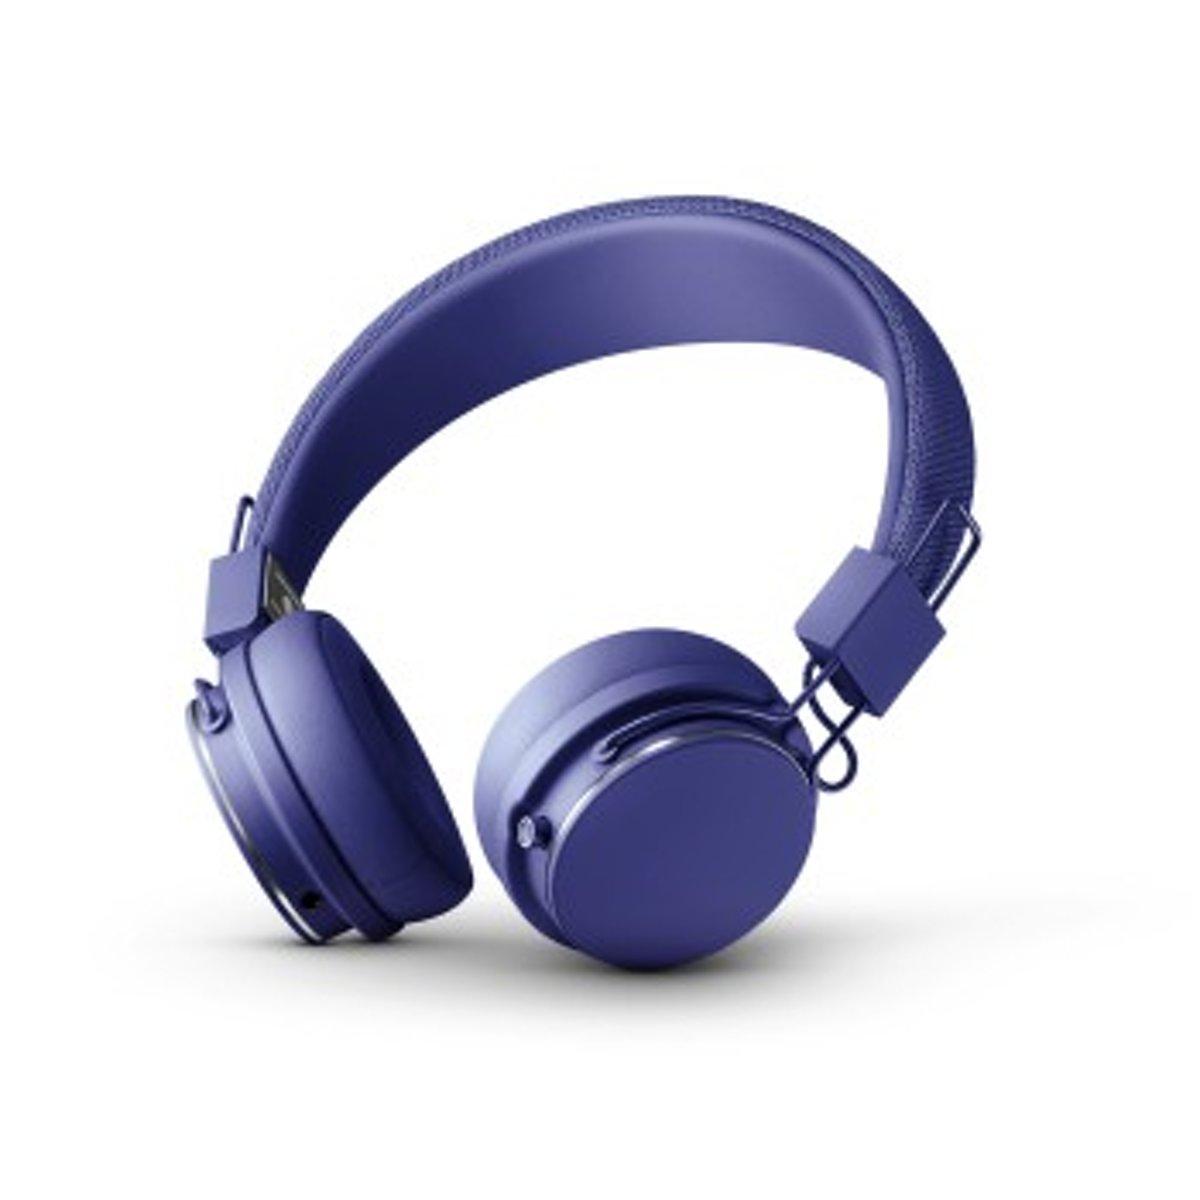 URBANEARS Hoofdtelefoon Plattan II Bluetooth Icon Blue kopen